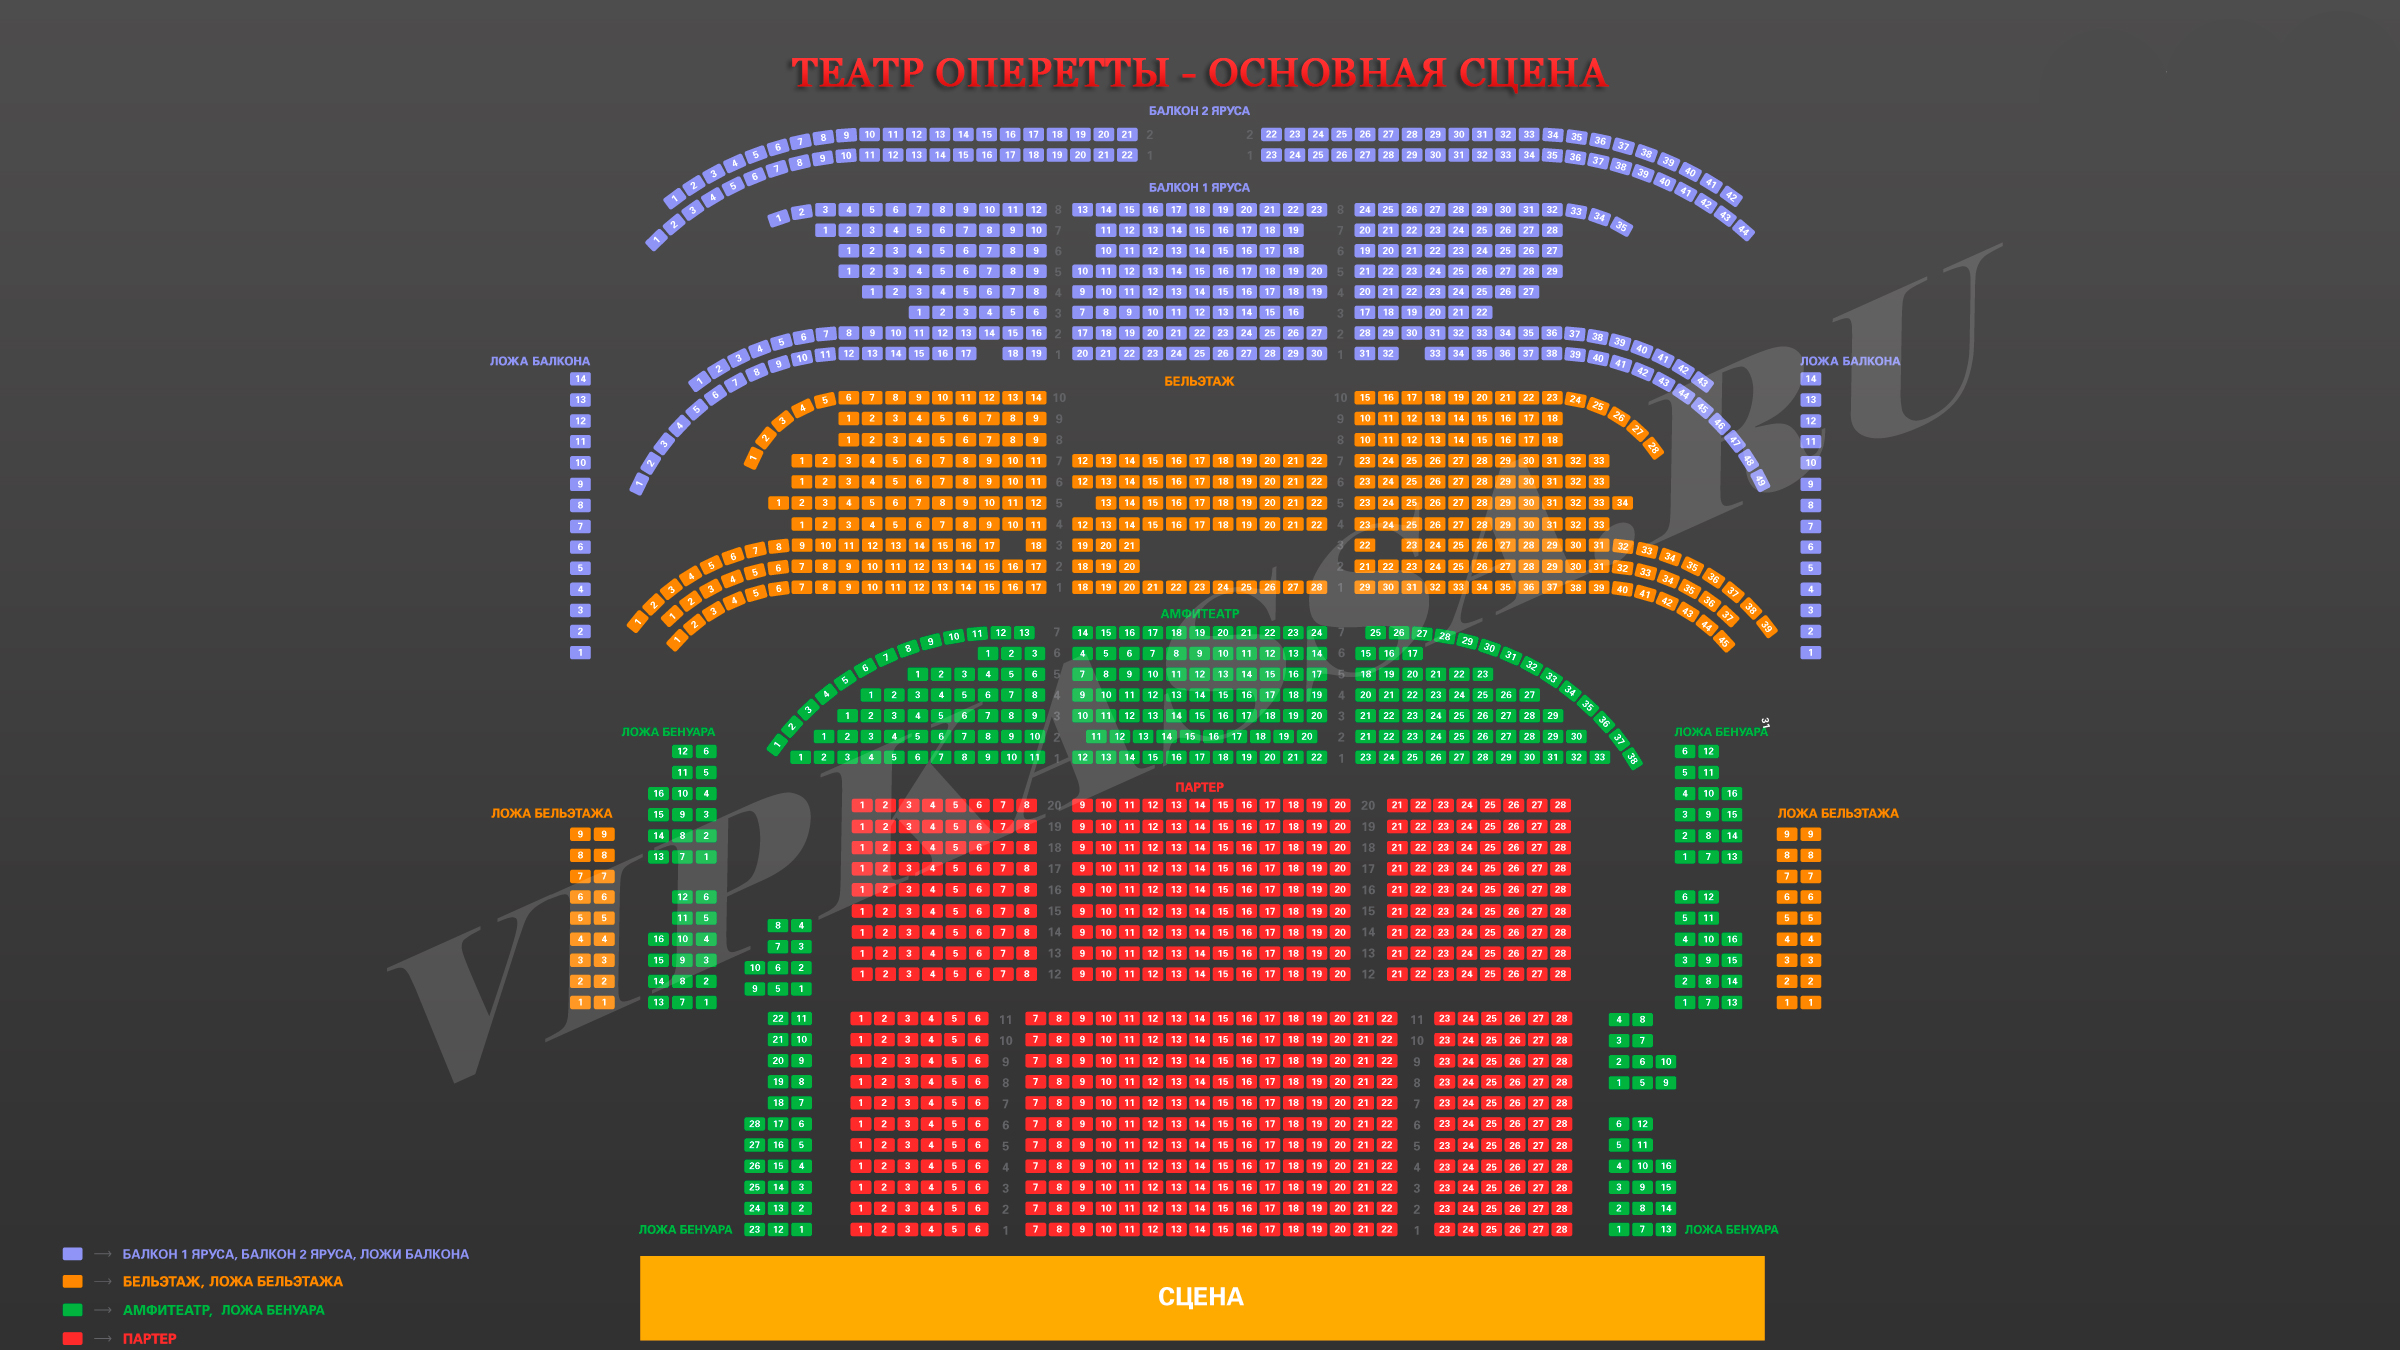 Схема проезда в театр оперетты фото 904